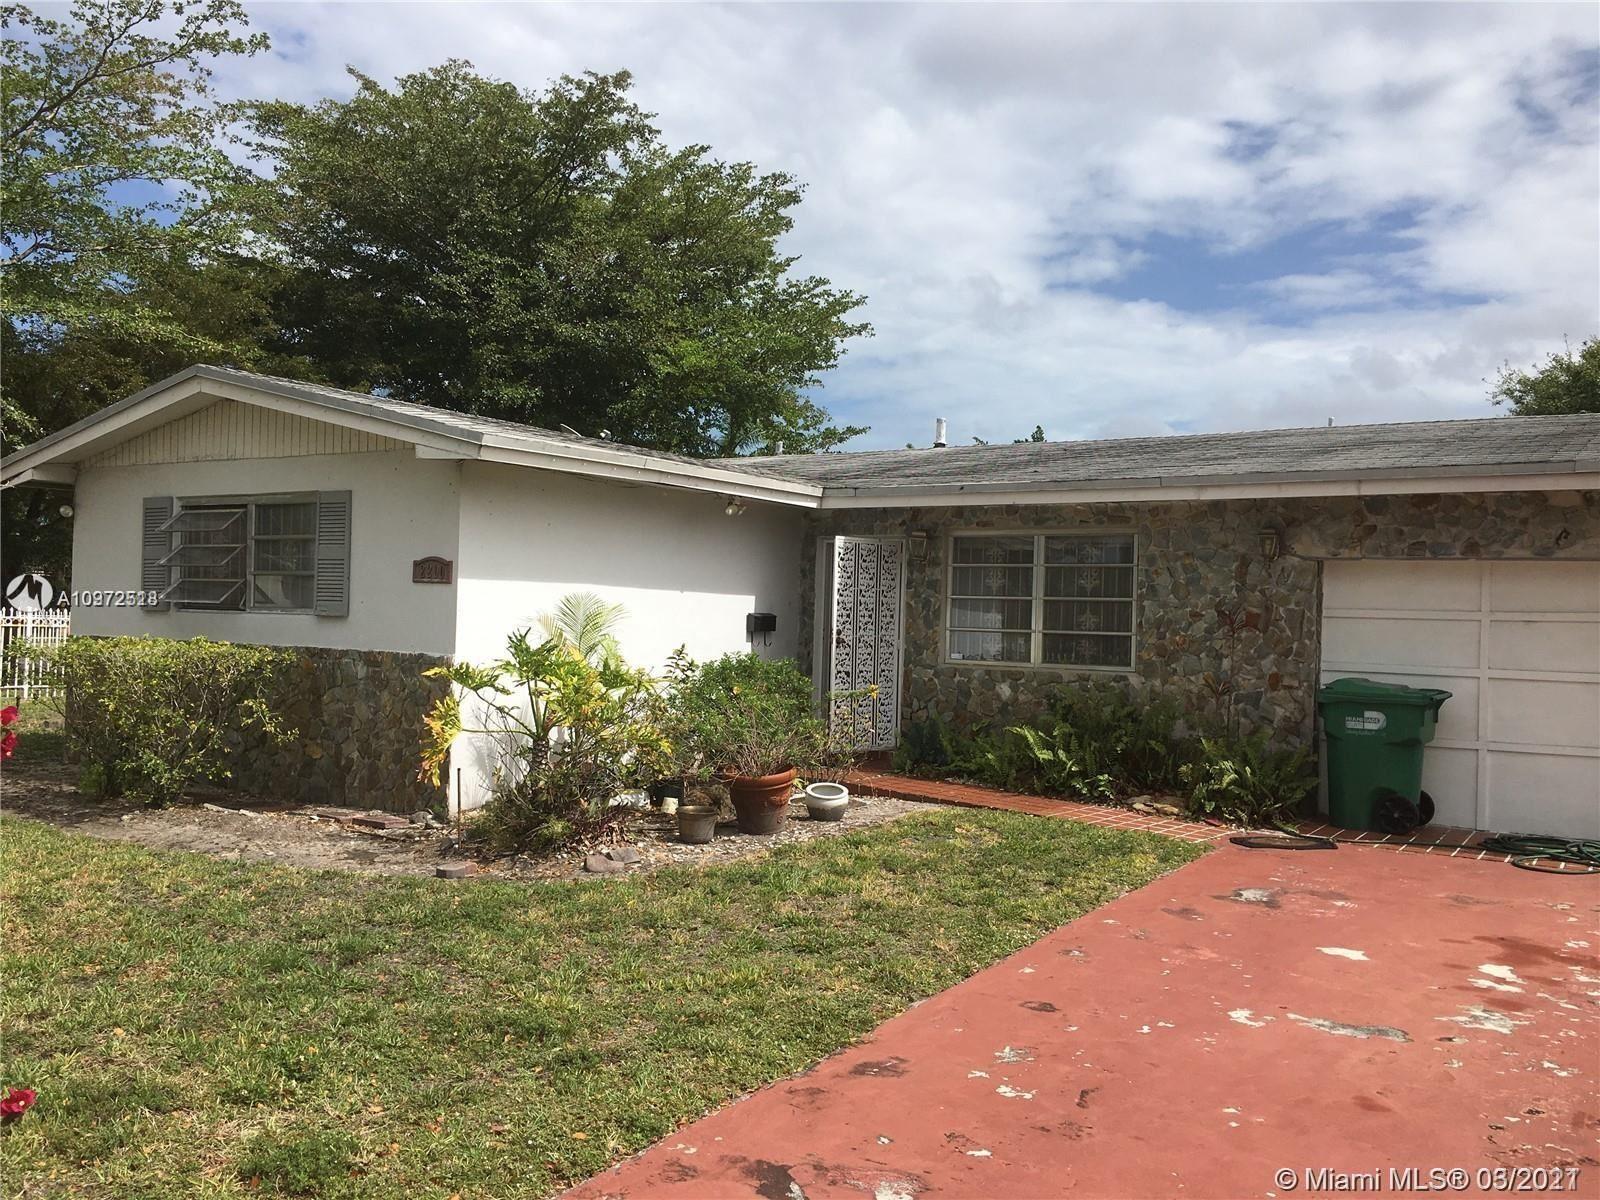 2200 NW 191st St, Miami Gardens, FL 33056 - #: A10972518